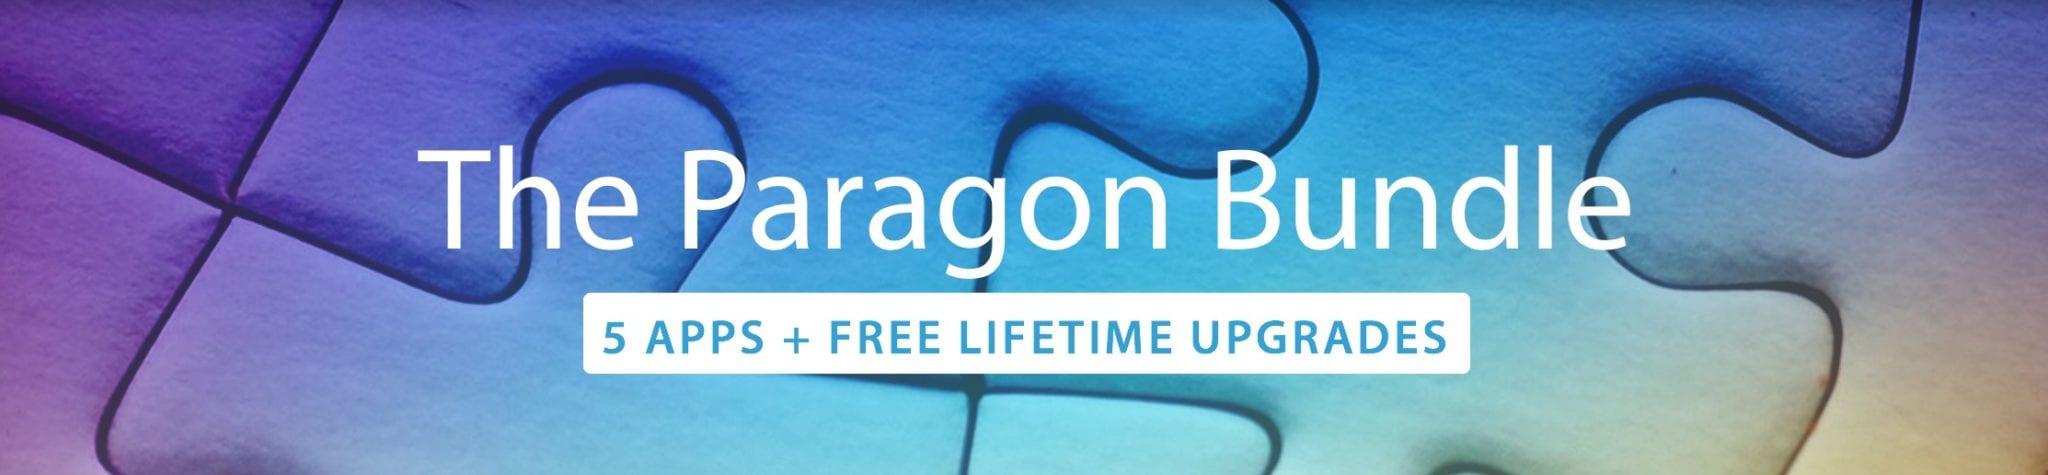 paragon bundle2 - Paragon Bundle - utility na prácu s NTFS a HFS+ diskami teraz za polovicu